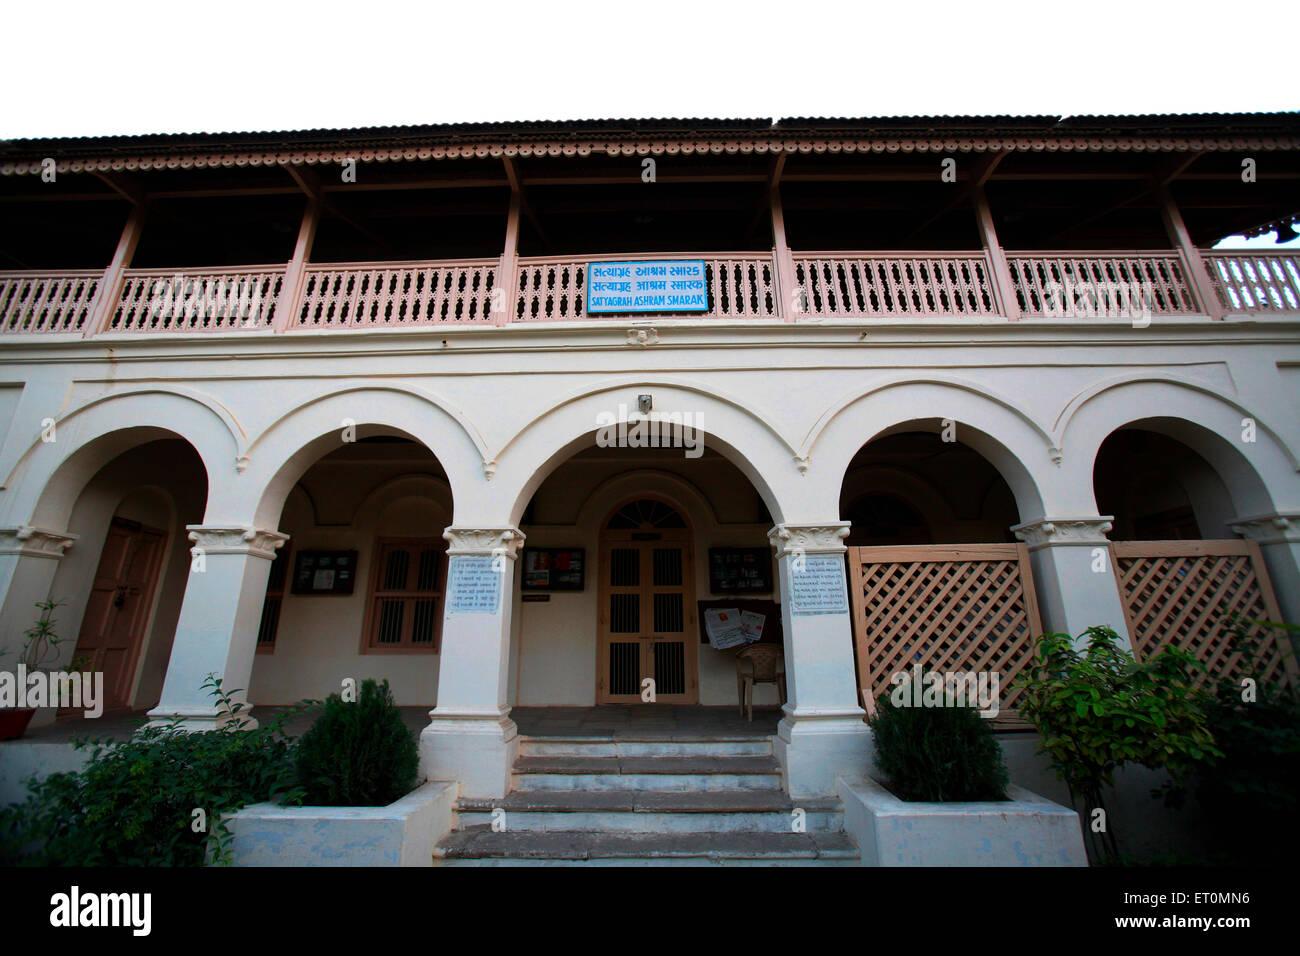 Satyagraha Ashram founded in 25 May 1915 at Kochrab; Ahmedabad ; Gujarat ; India - Stock Image